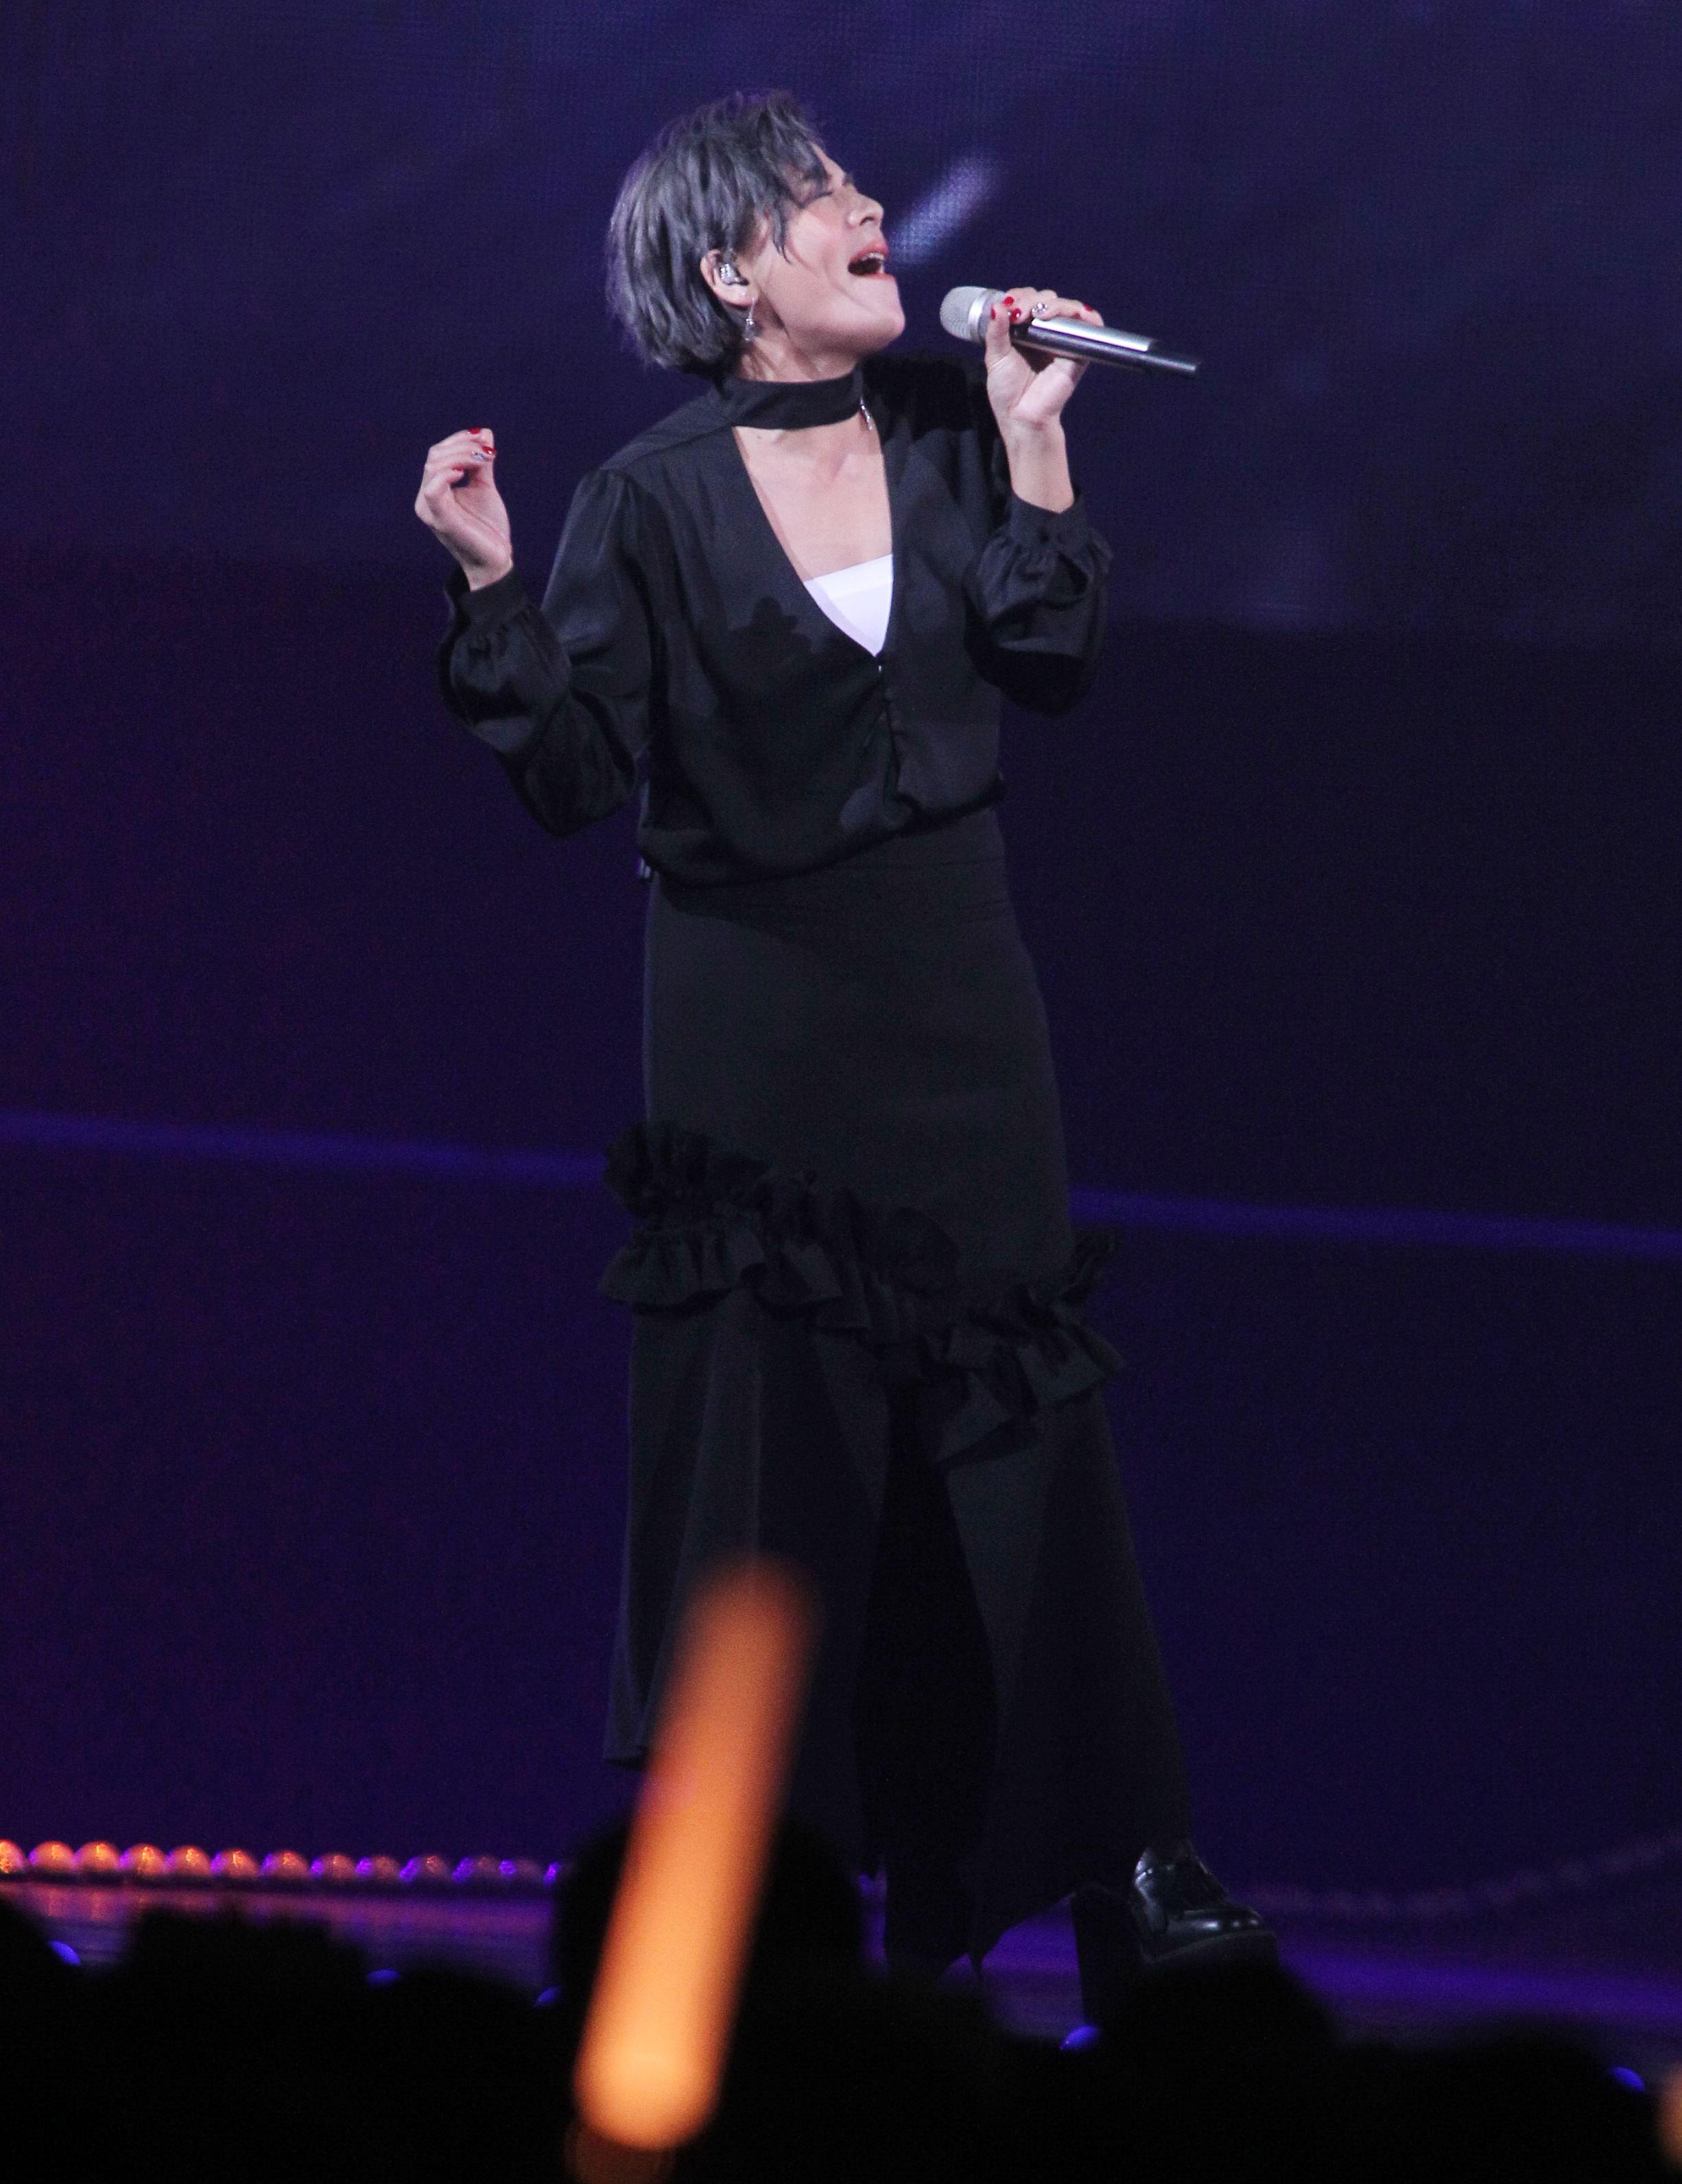 江美琪KKbox風雲榜演唱。(記者邱榮吉/攝影)